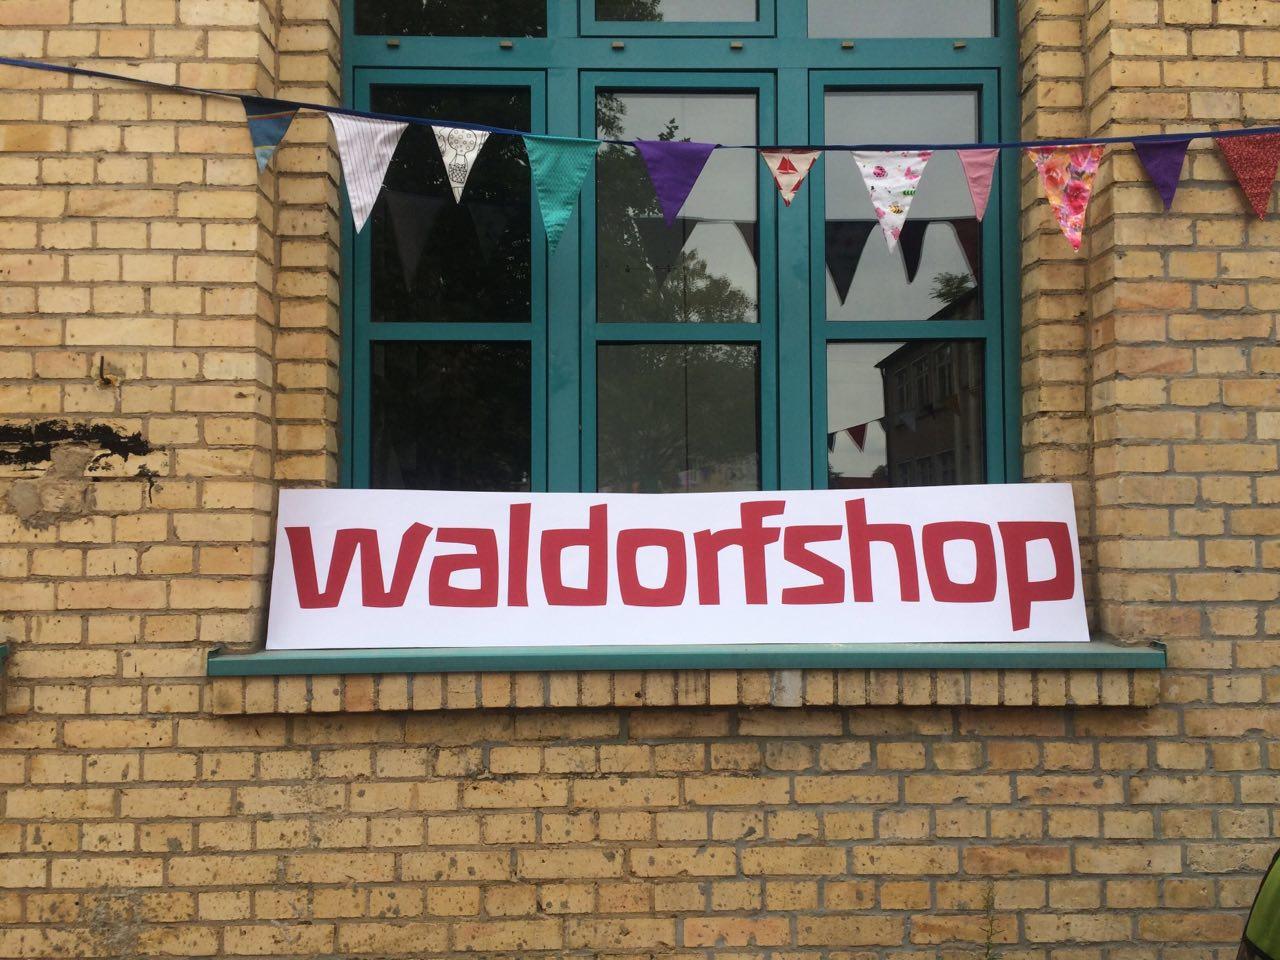 Waldorfshop